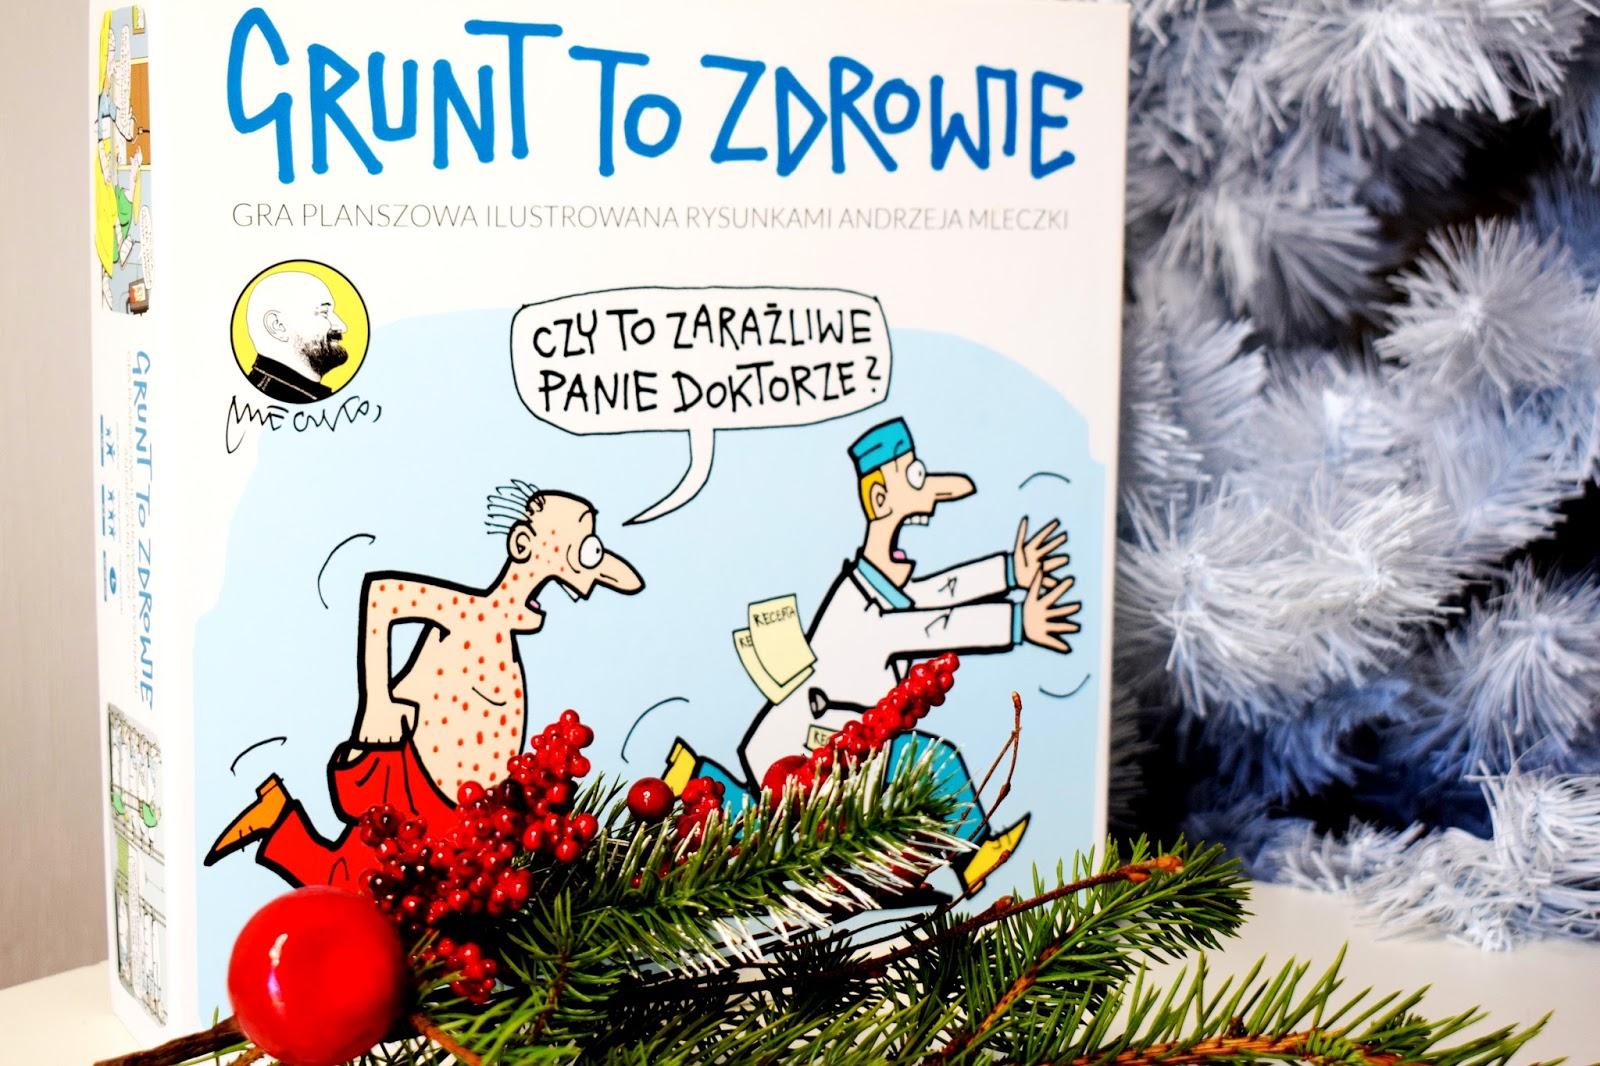 Gry planszowe z rysunkami Andrzeja Mleczki